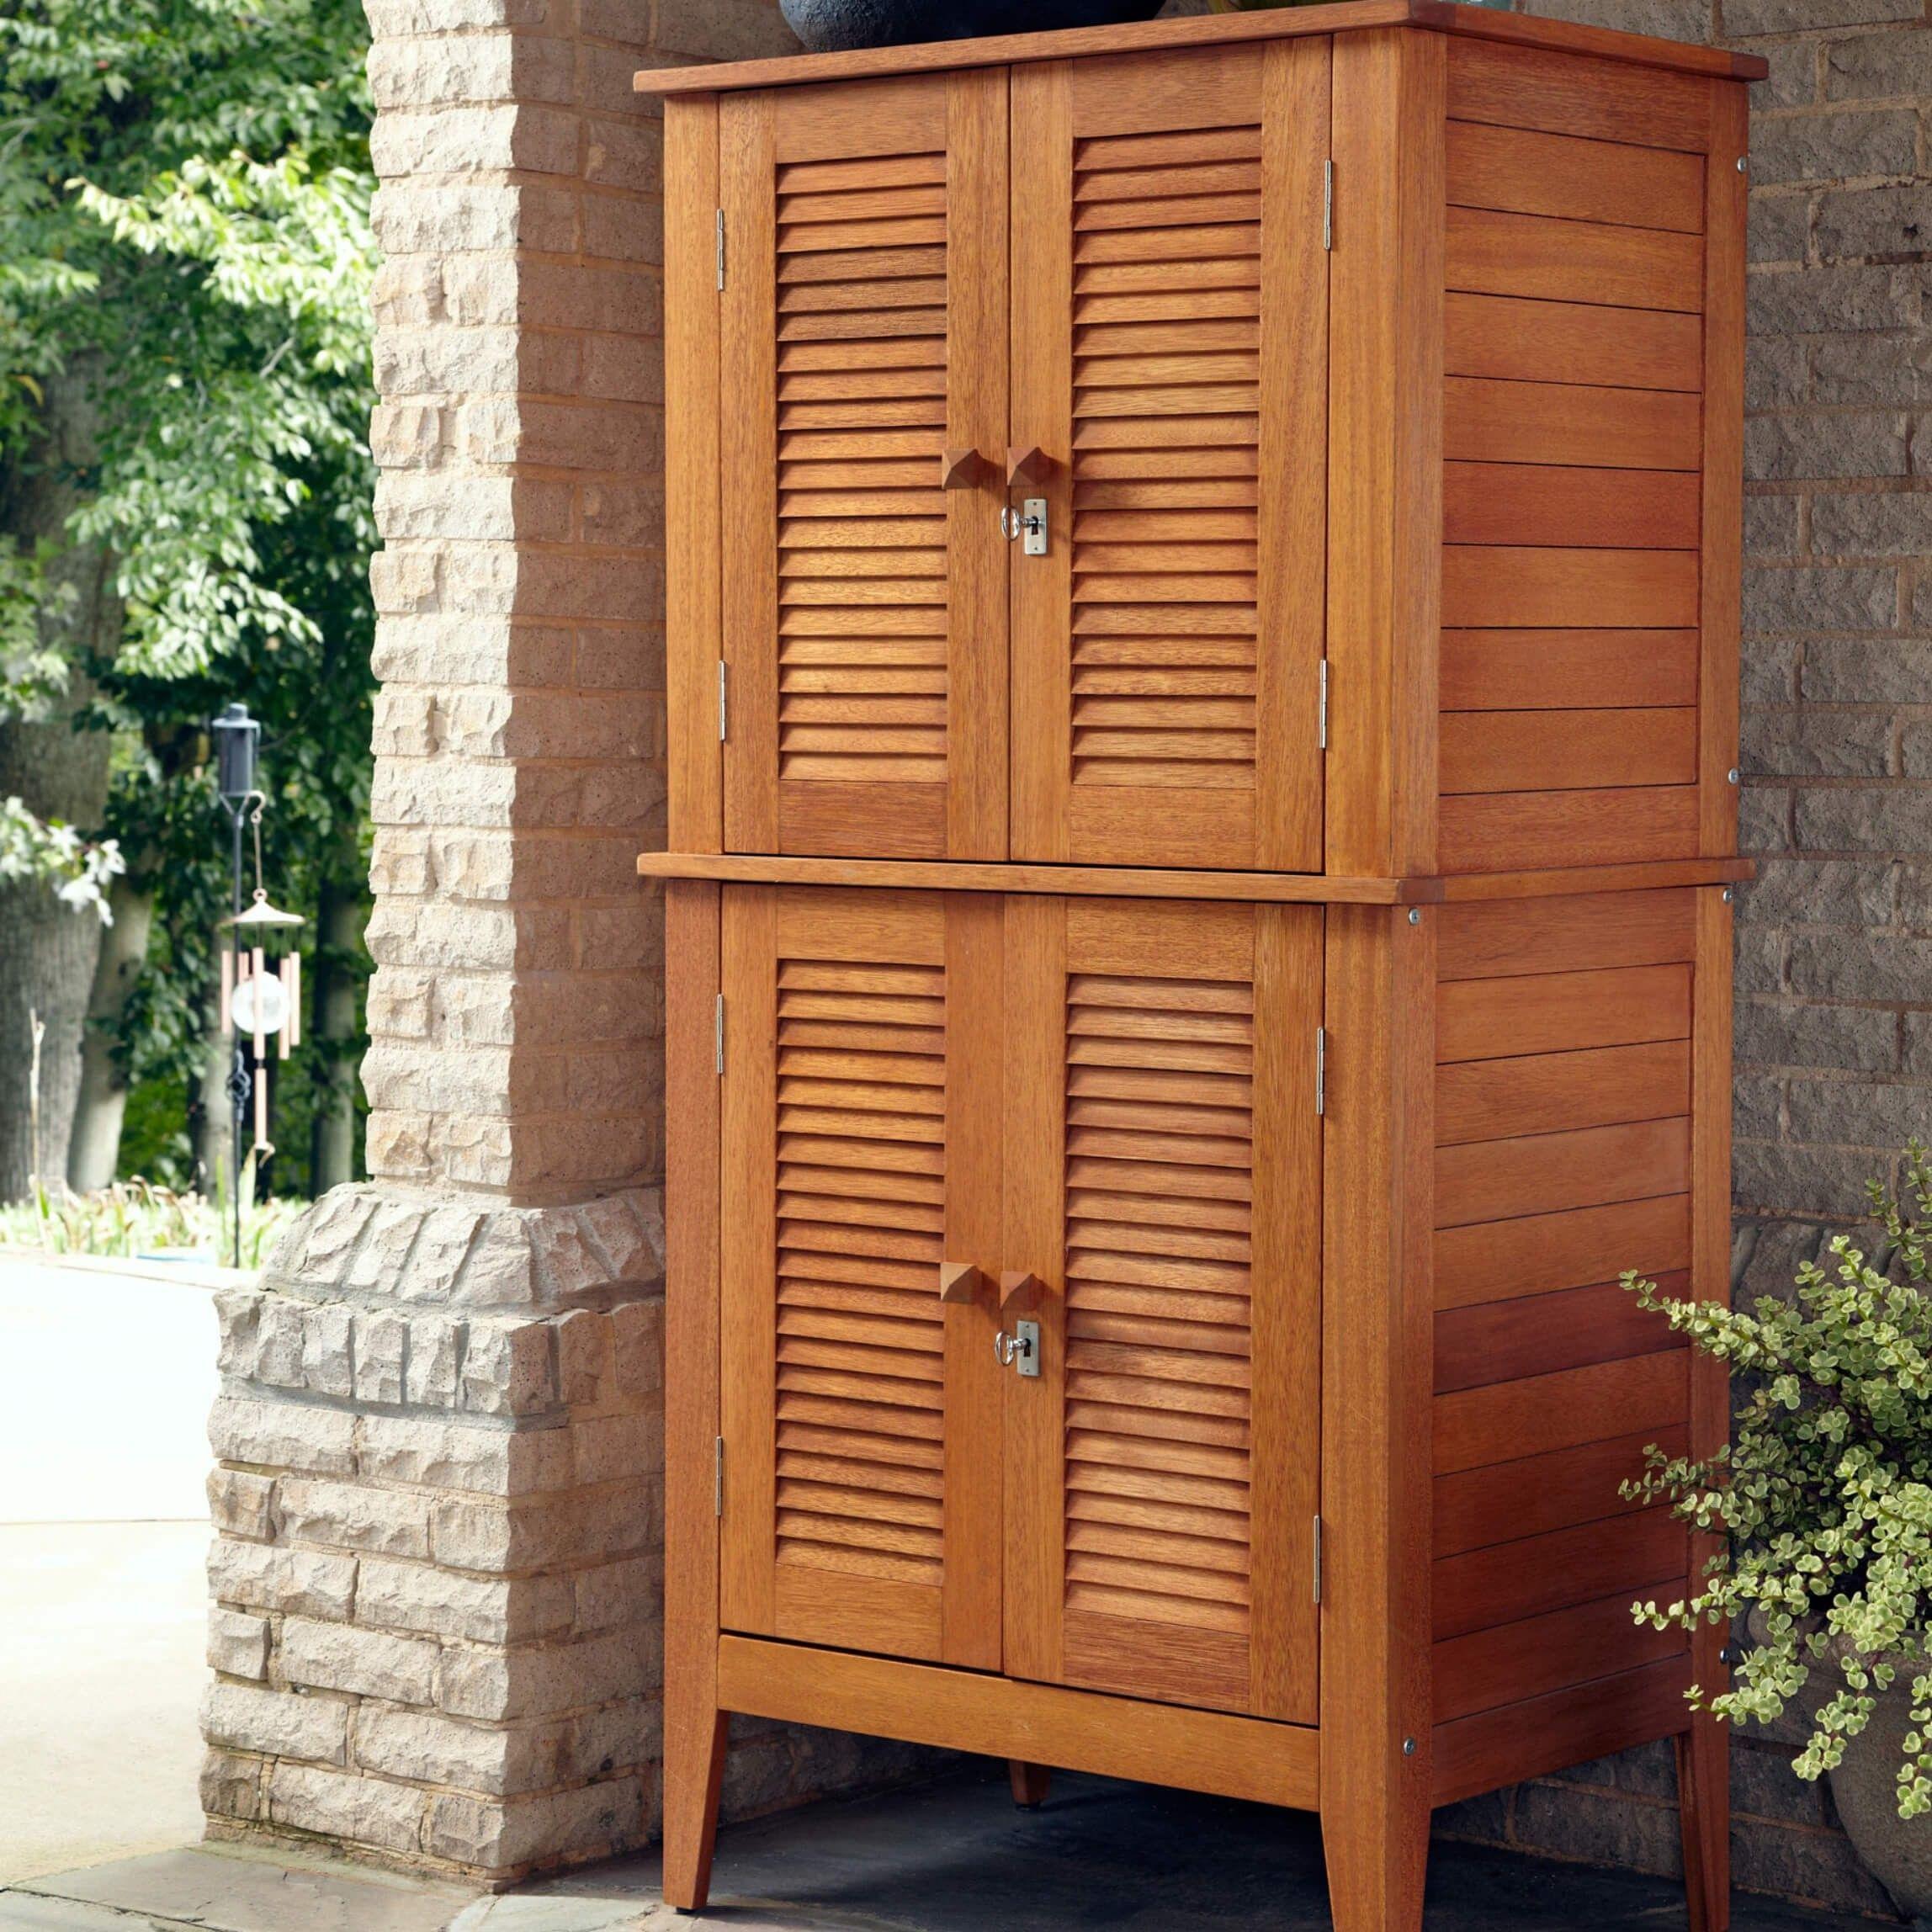 4 Türen aus Holz Schrank | Top-10 Arten Von Outdoor-Deck Boxen ...